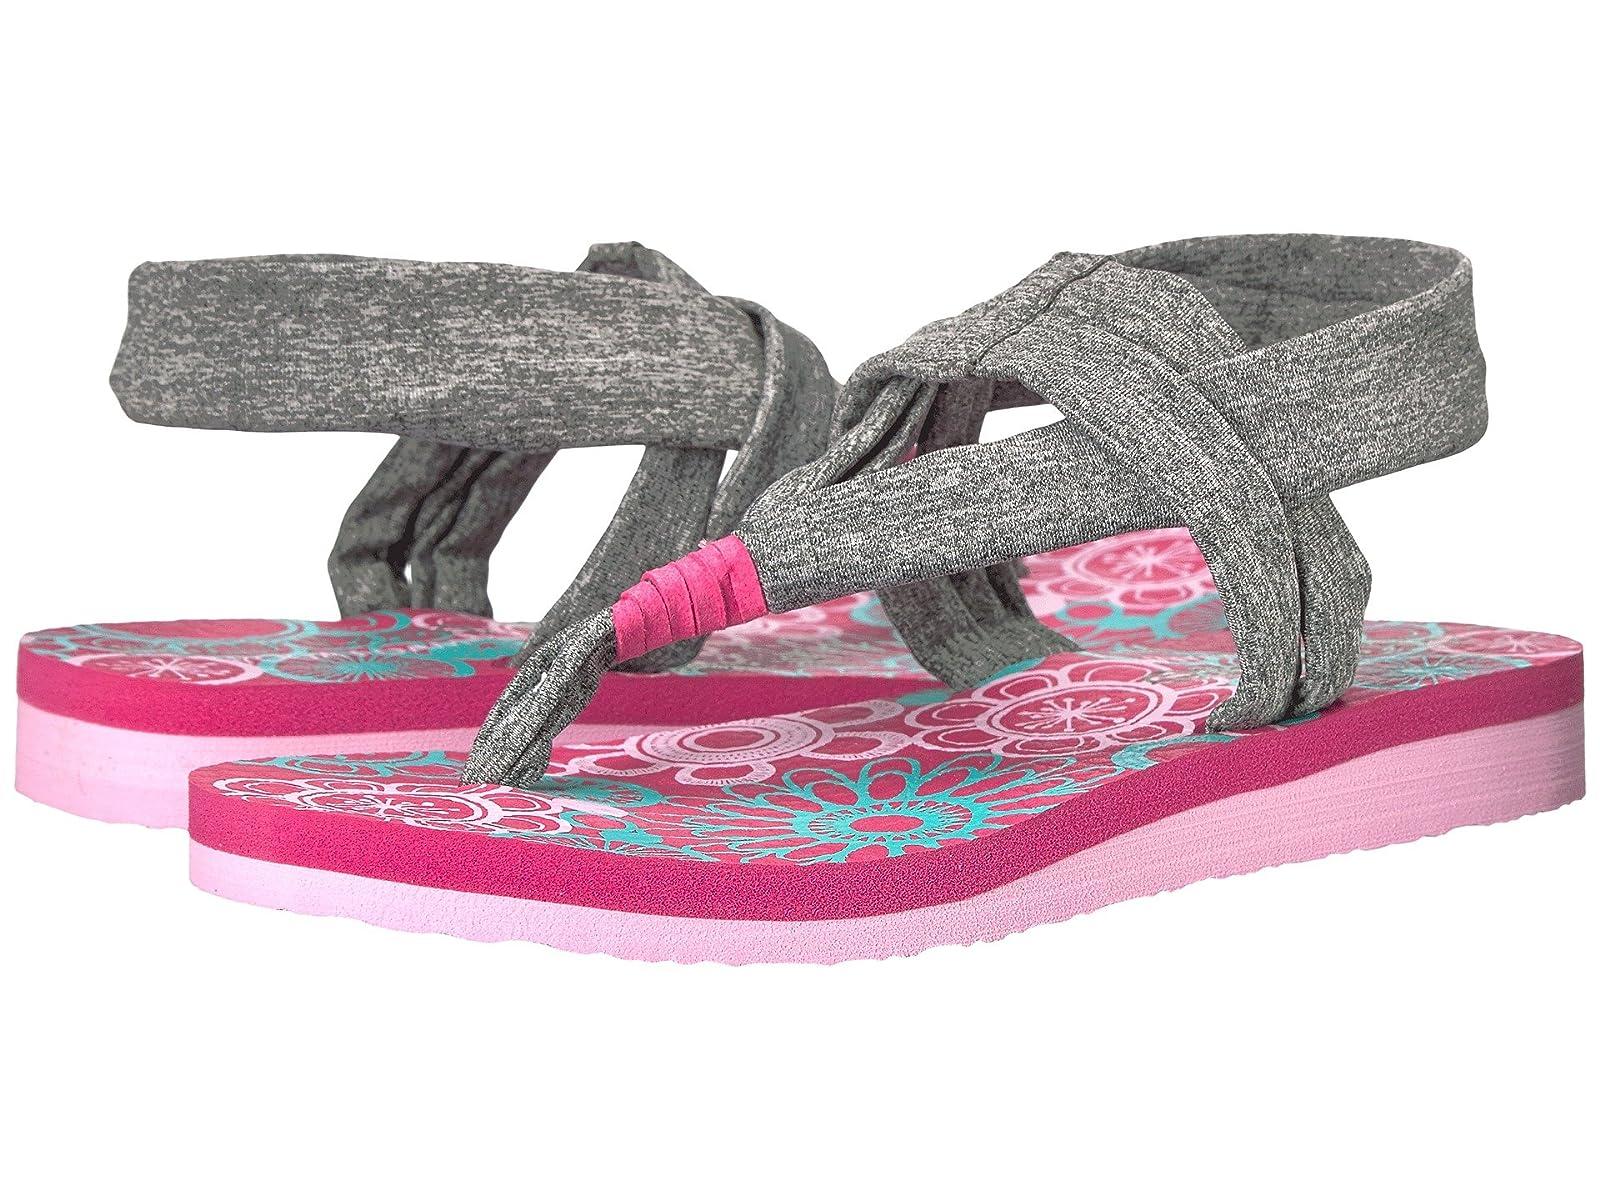 SKECHERS KIDS Meditation 86758L (Little Kid/Big Kid)Atmospheric grades have affordable shoes